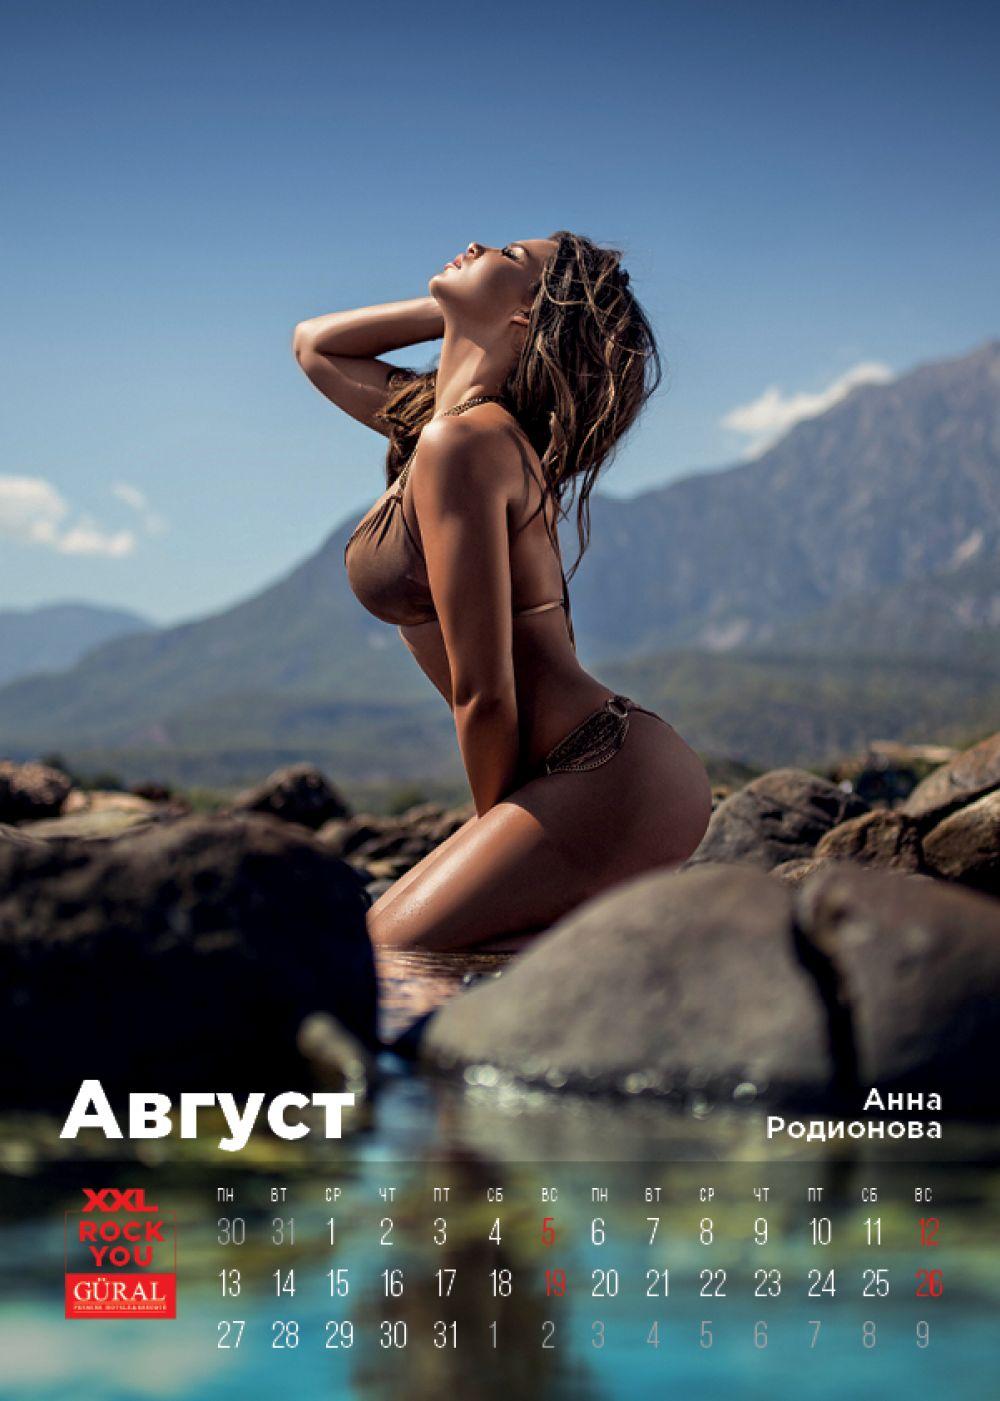 А августовский календарь представила Анна Родионова